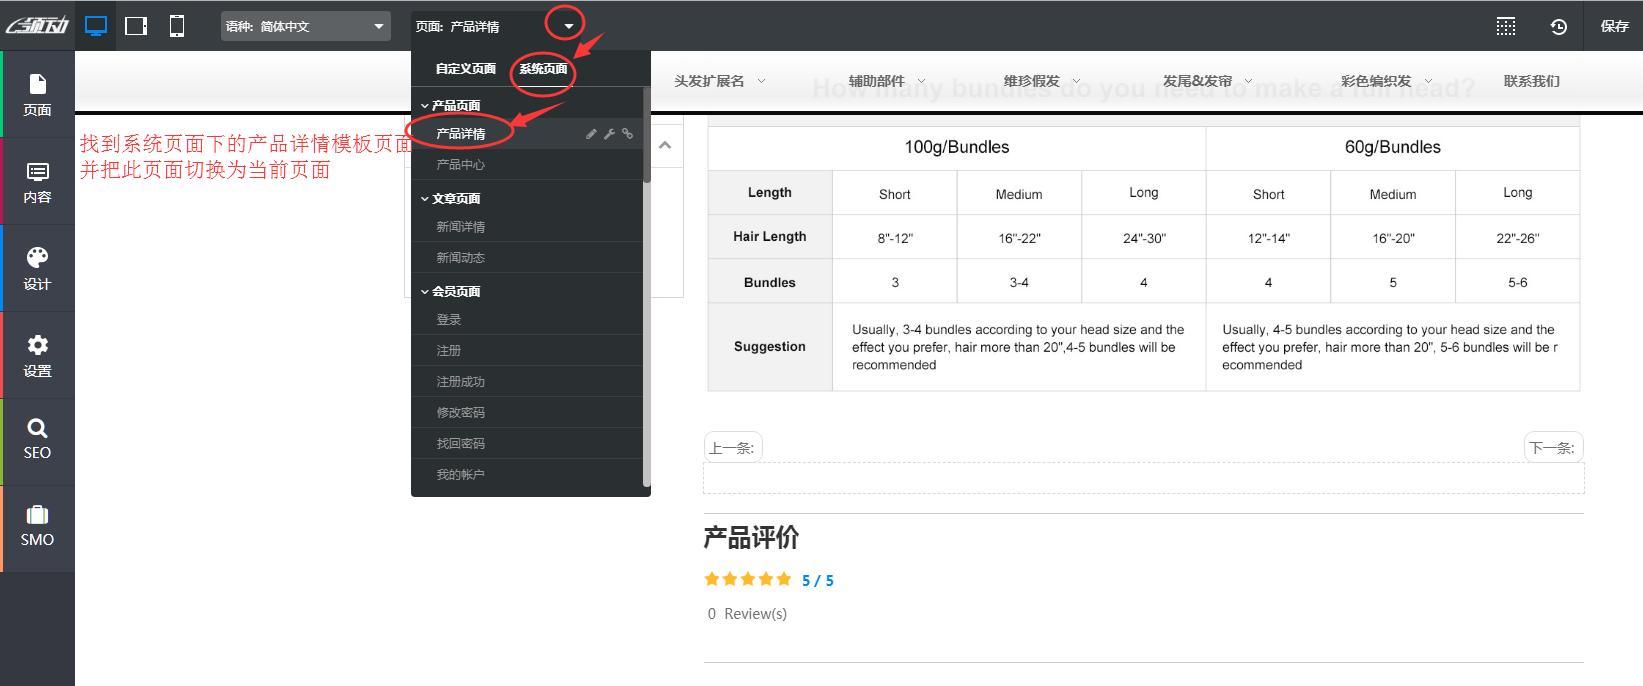 把产品详情页面模板页面切换为当前页面